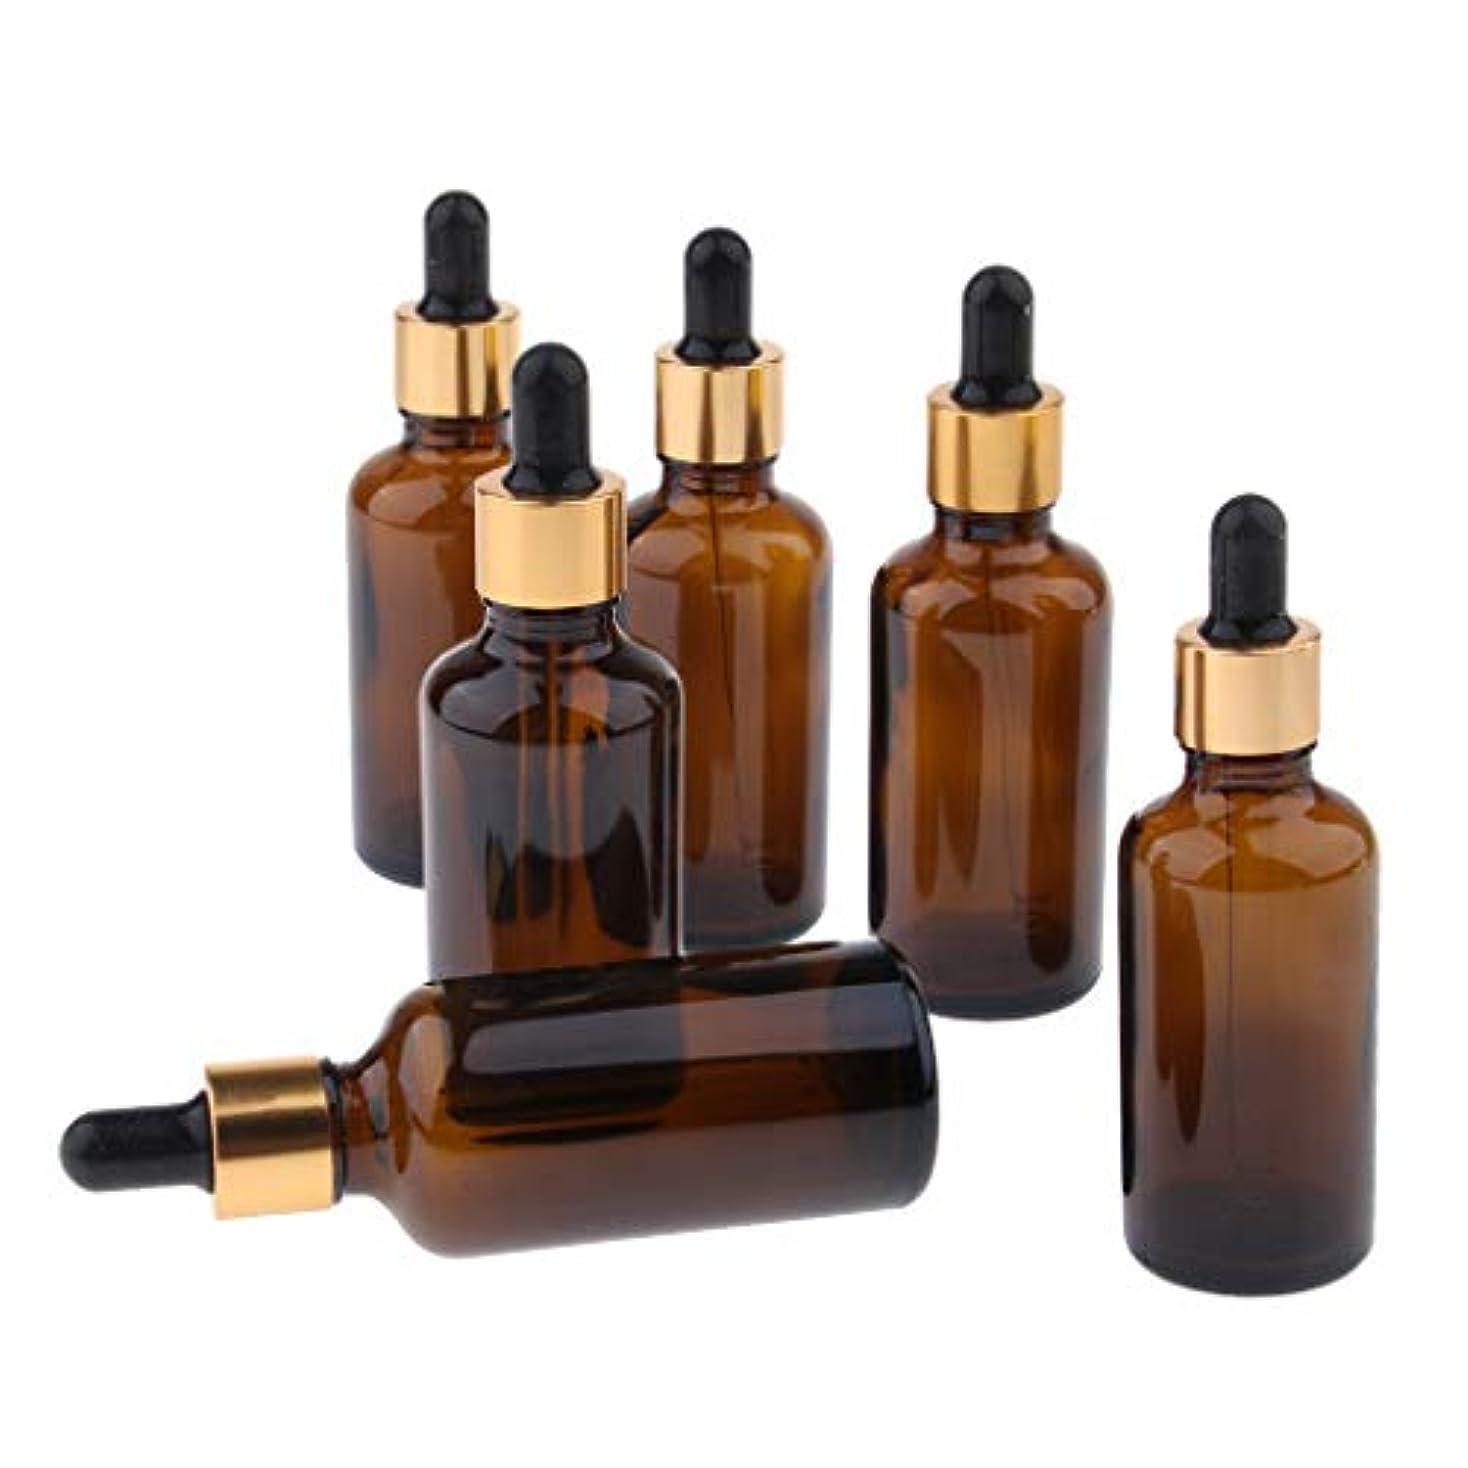 創傷形ブラウン6個 精油瓶 遮光瓶 空瓶 ガラス 分け瓶 香水瓶 オイルボトル スポイト 詰め替え 旅行 マルチ容量選択 - 100ml